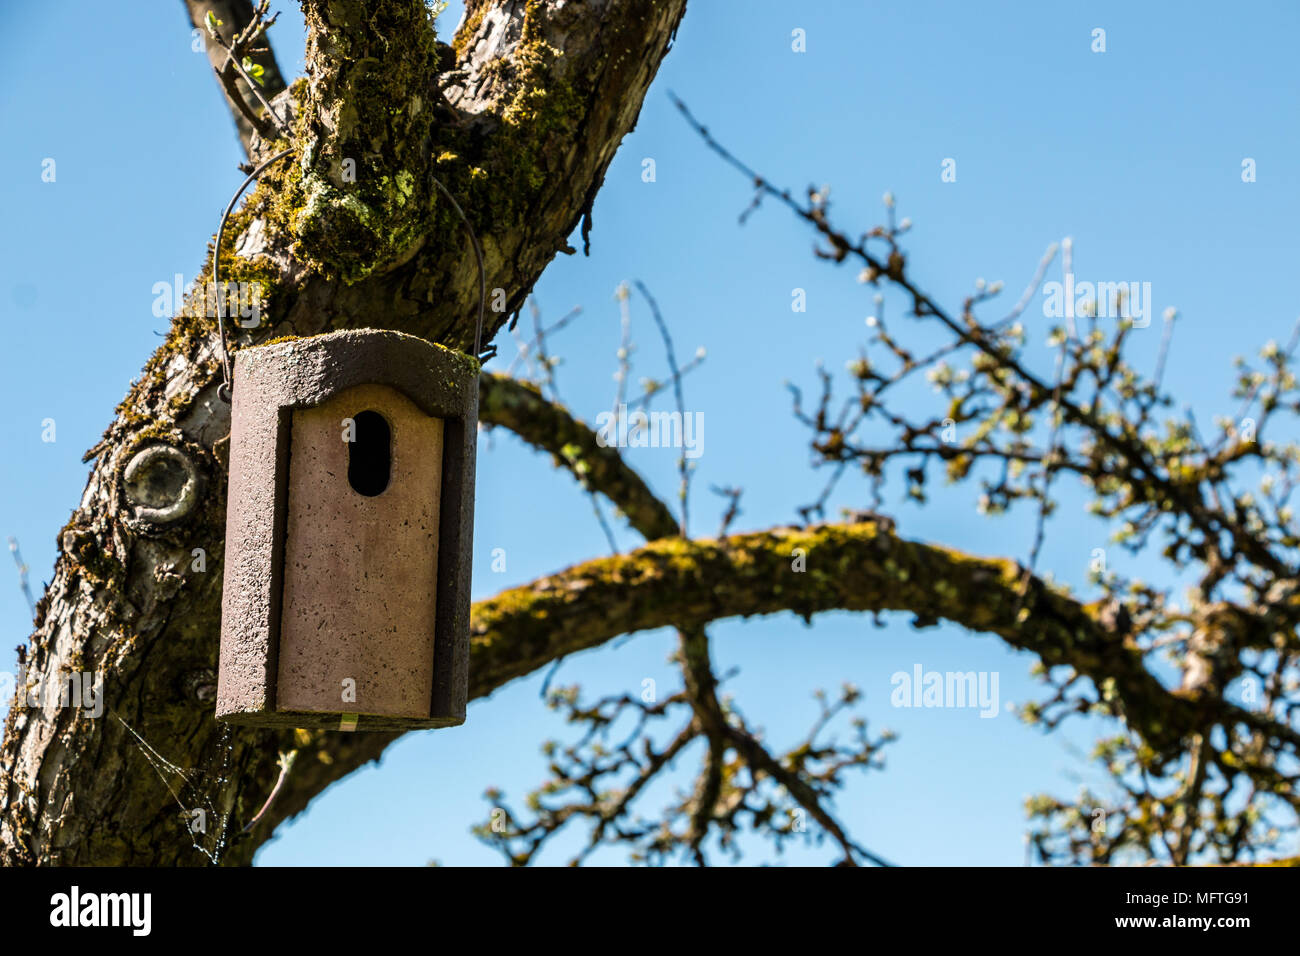 Kleiner Vogel Tabelle auf einem alten bemoosten apple tree Stockbild